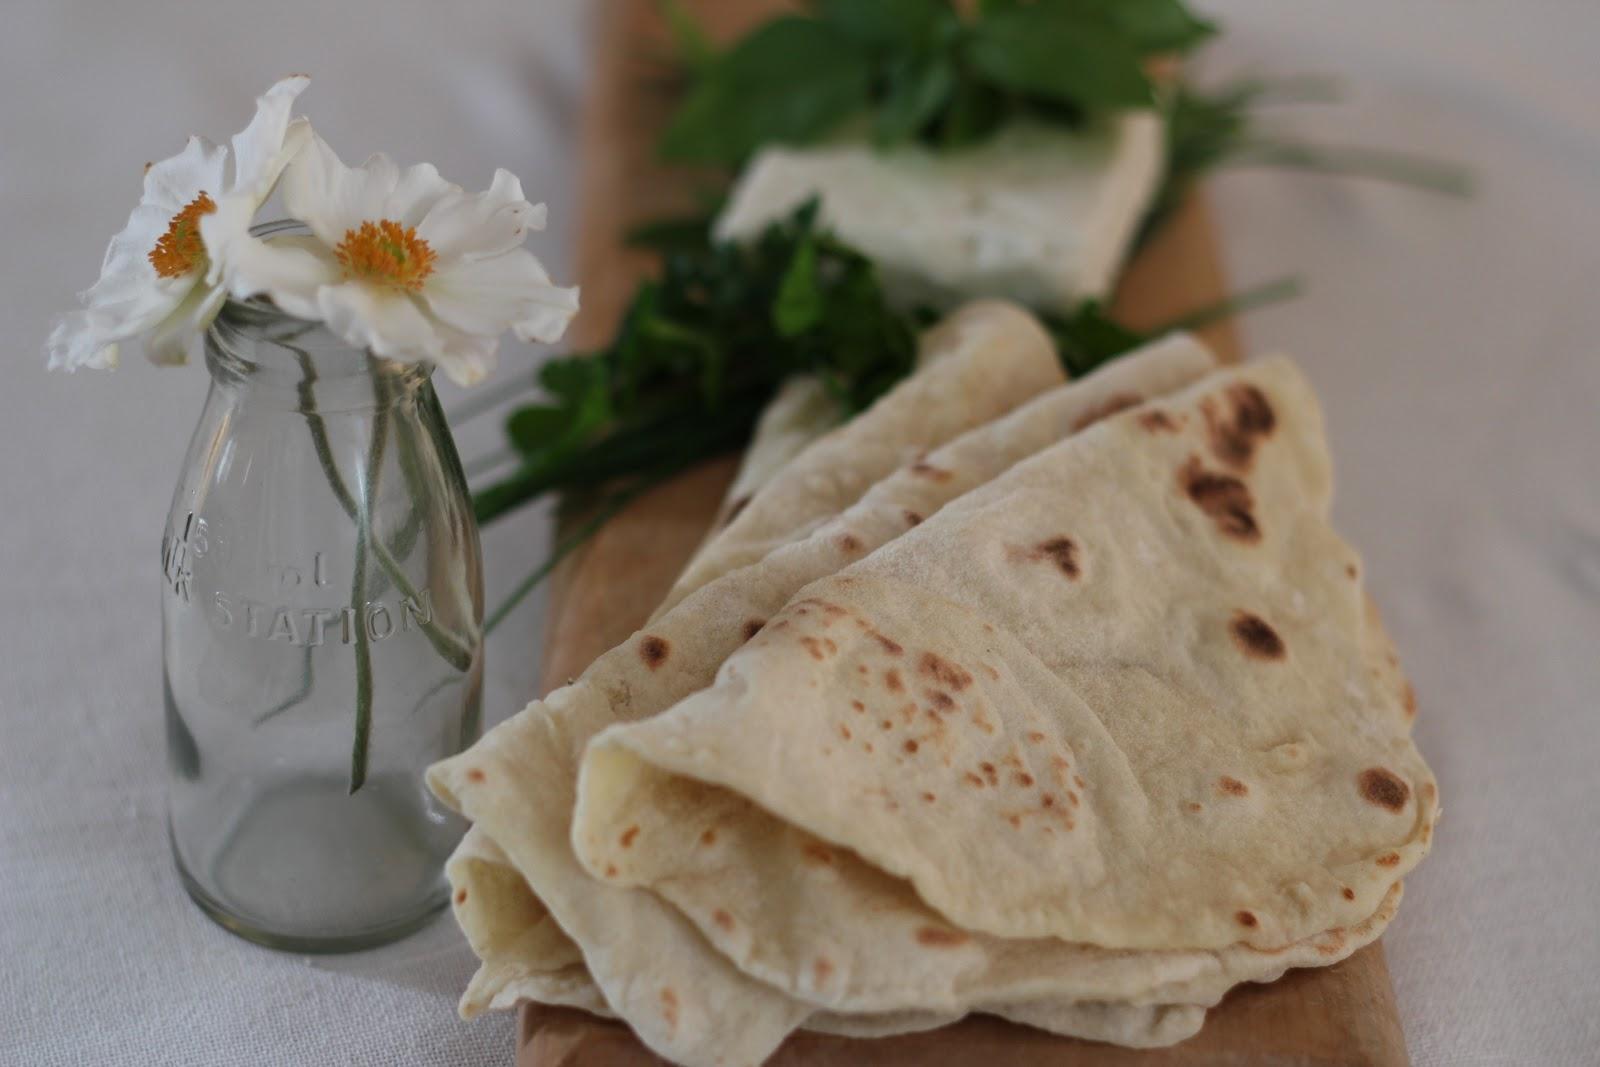 The recipe for lavash